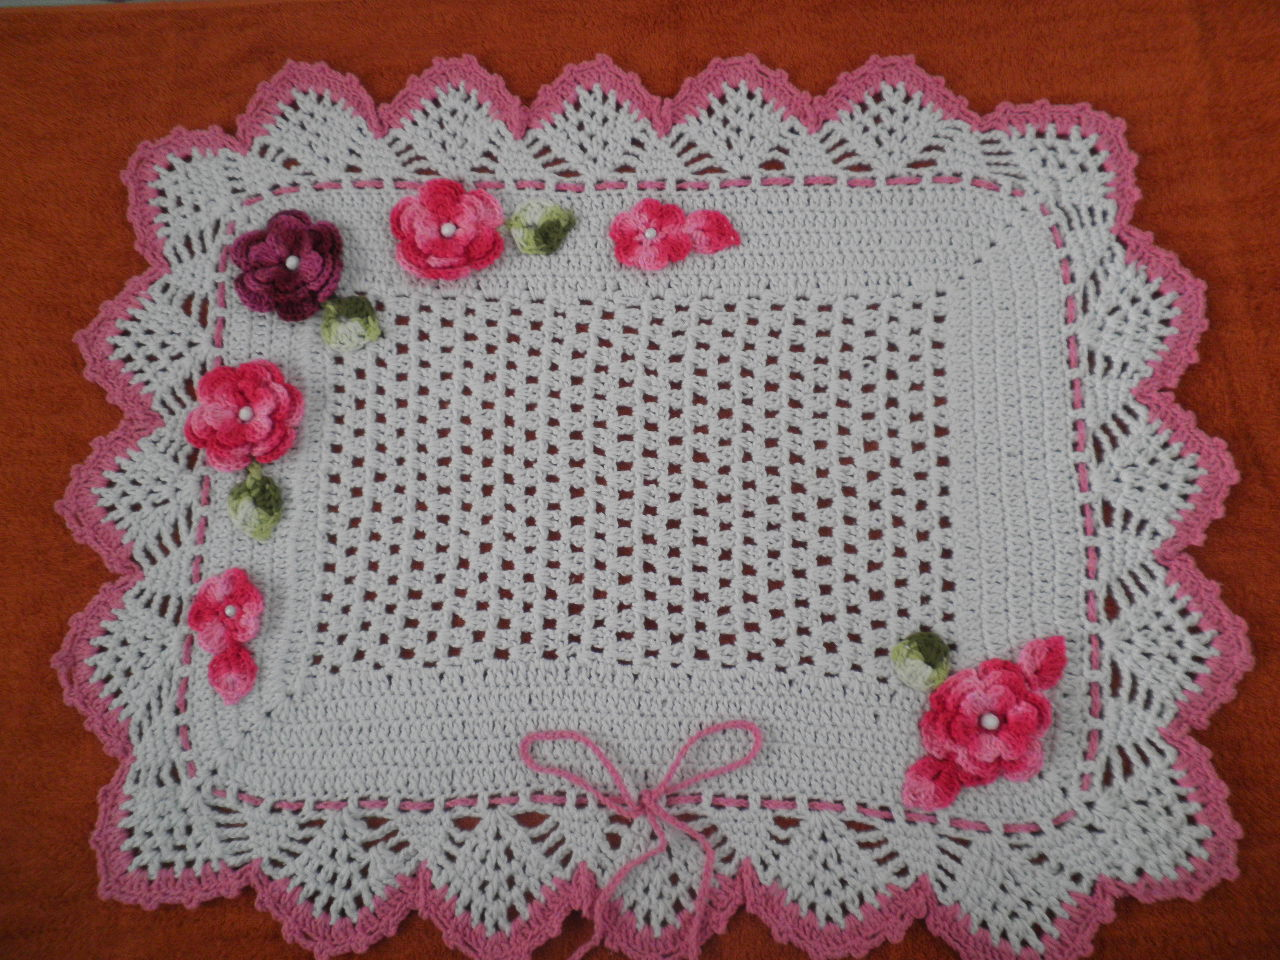 Tapete em crochê na cor cru com linha número 06, e detalhes e flores